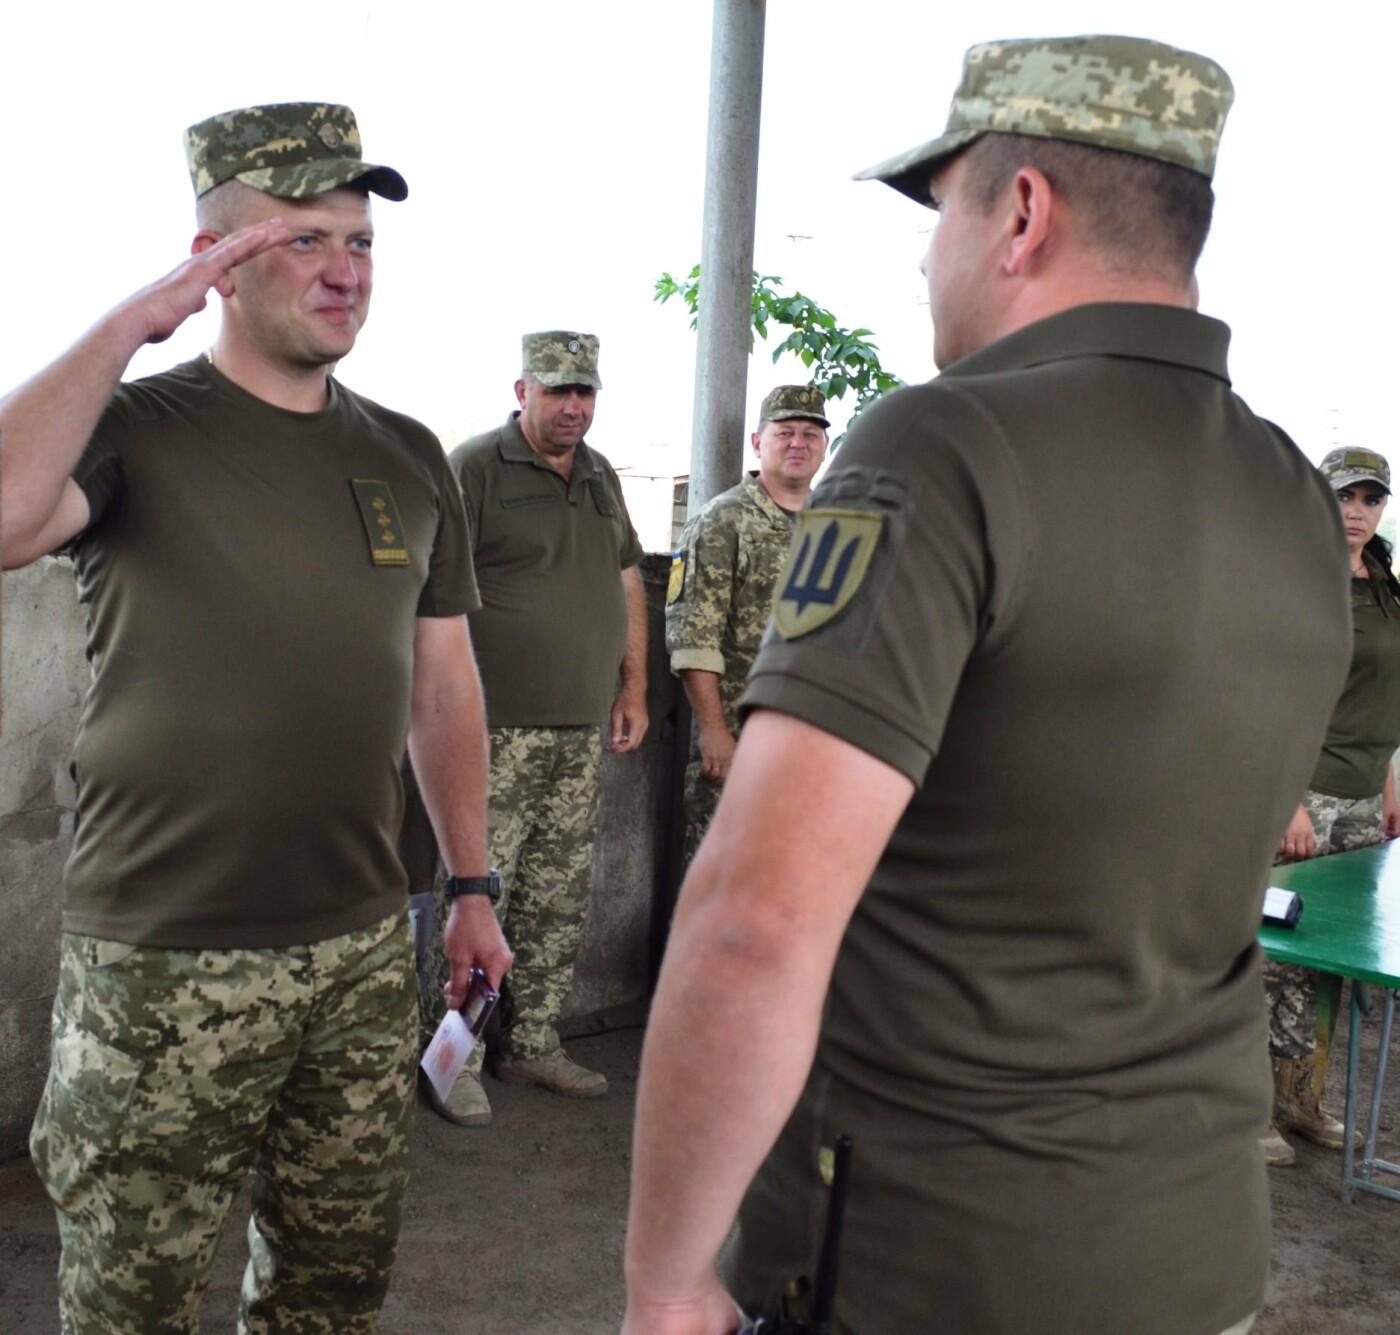 День бригады криворожские танкисты отметили победой в конкурсе на лучший танковый взвод ВСУ, - ФОТО, фото-4